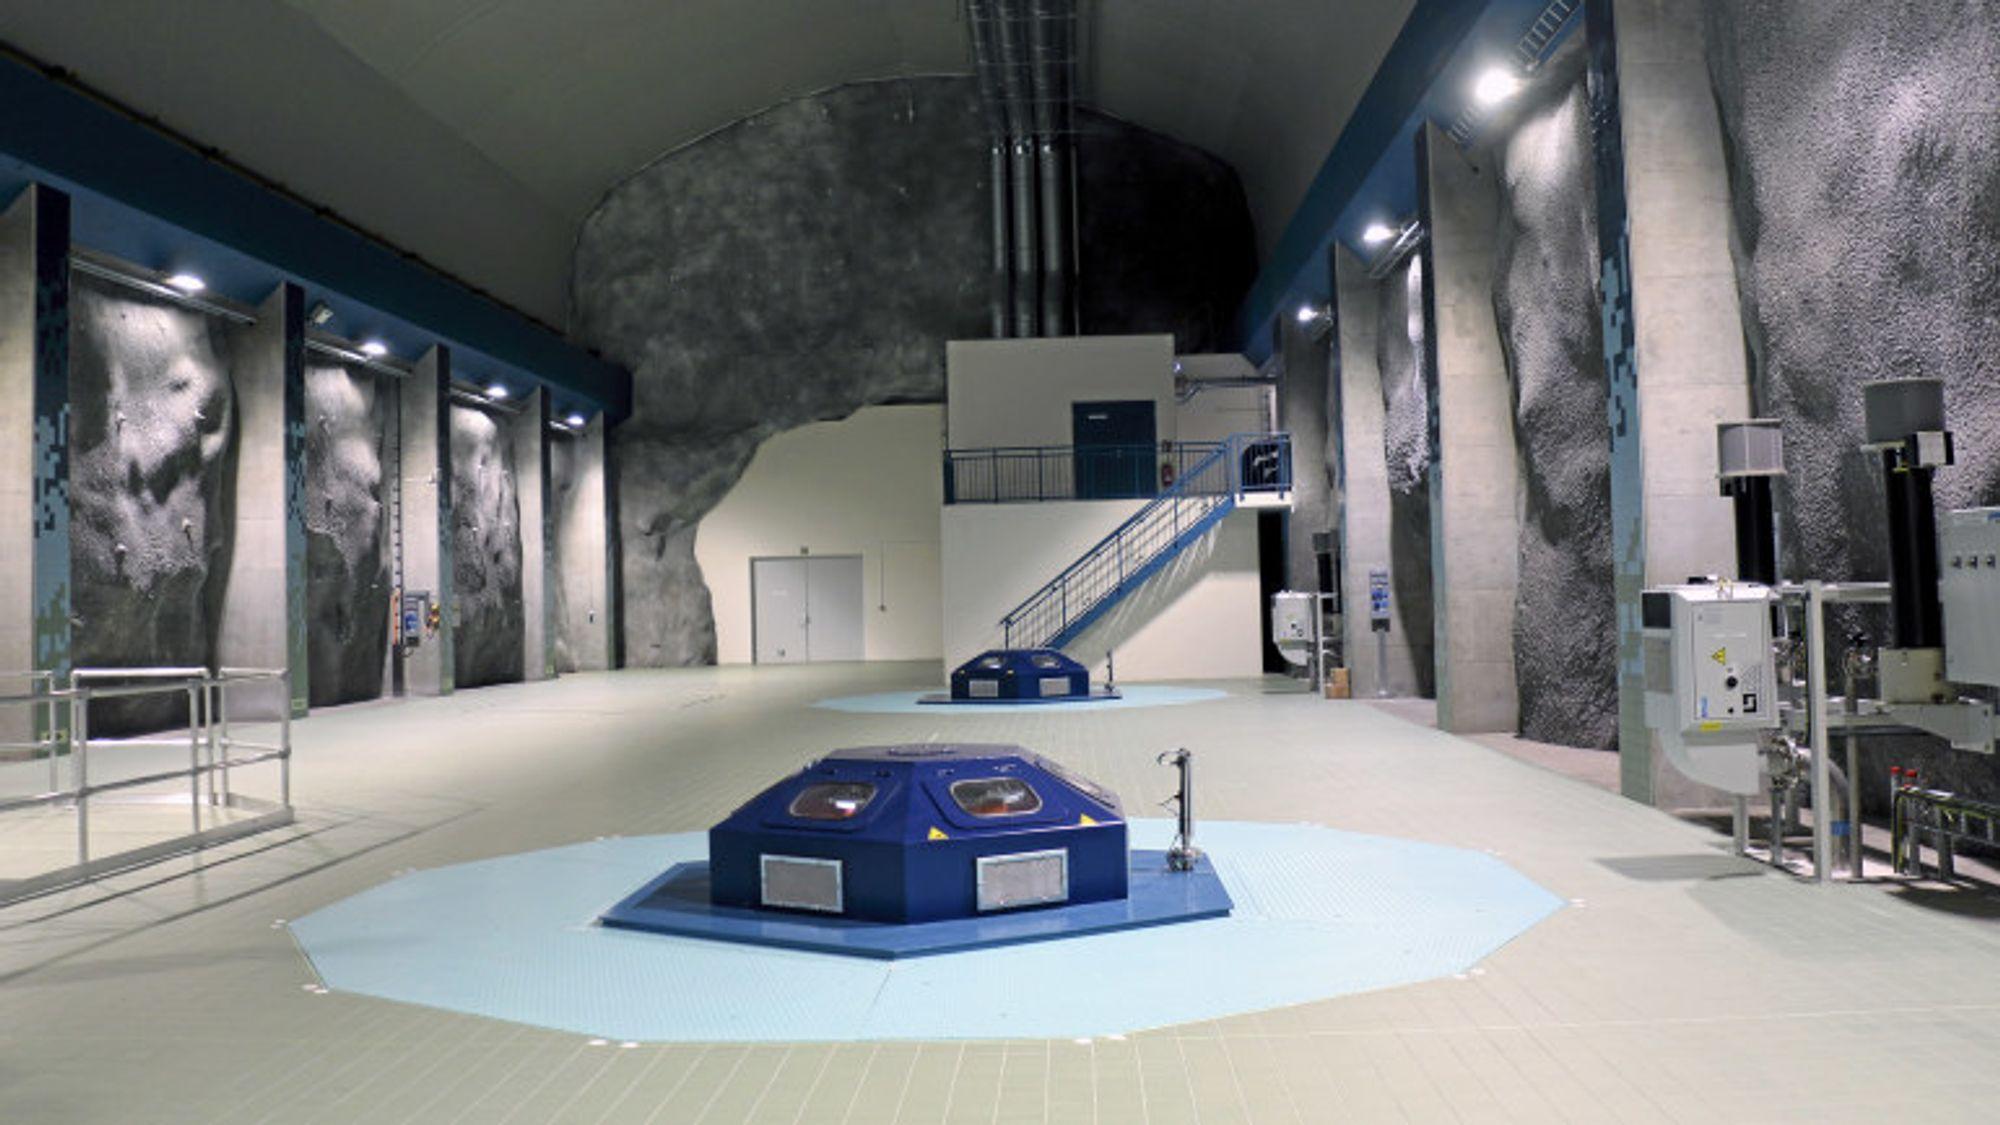 Matre Haugsdal kraftverk ble åpnet september 2016 og er det nyeste kraftverket til BKK.